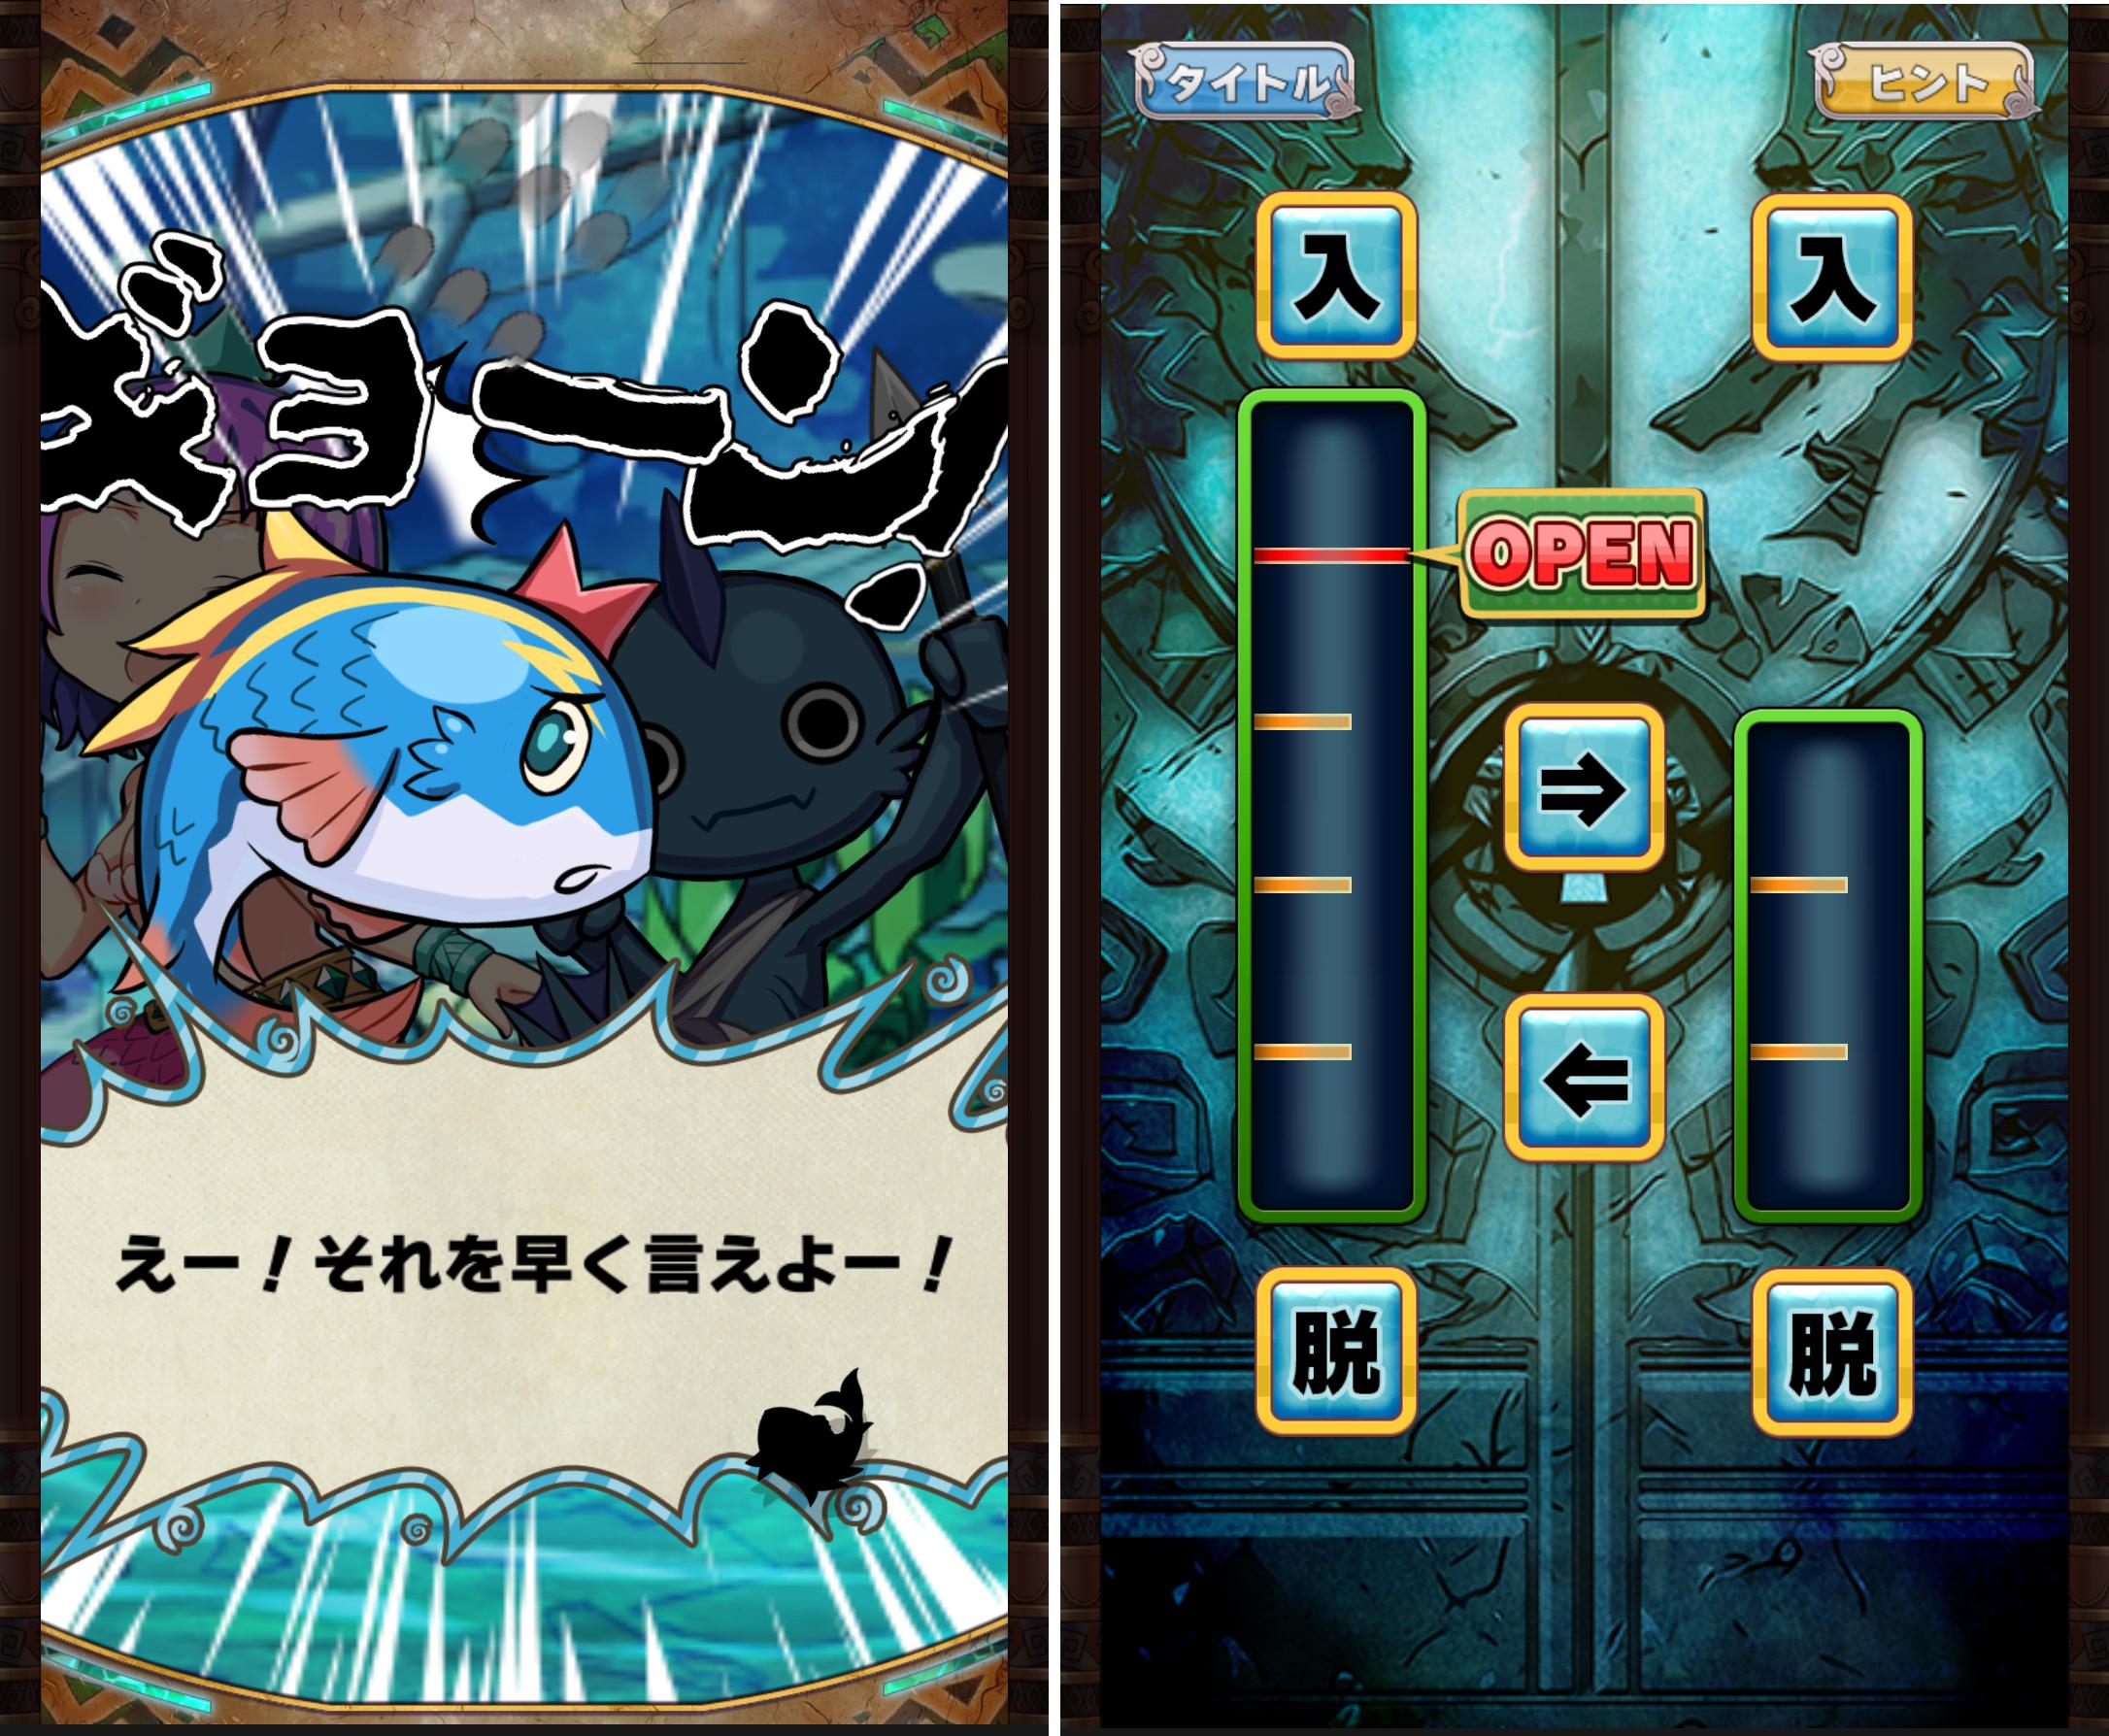 アニモン 人魚姫マーメの冒険 androidアプリスクリーンショット1